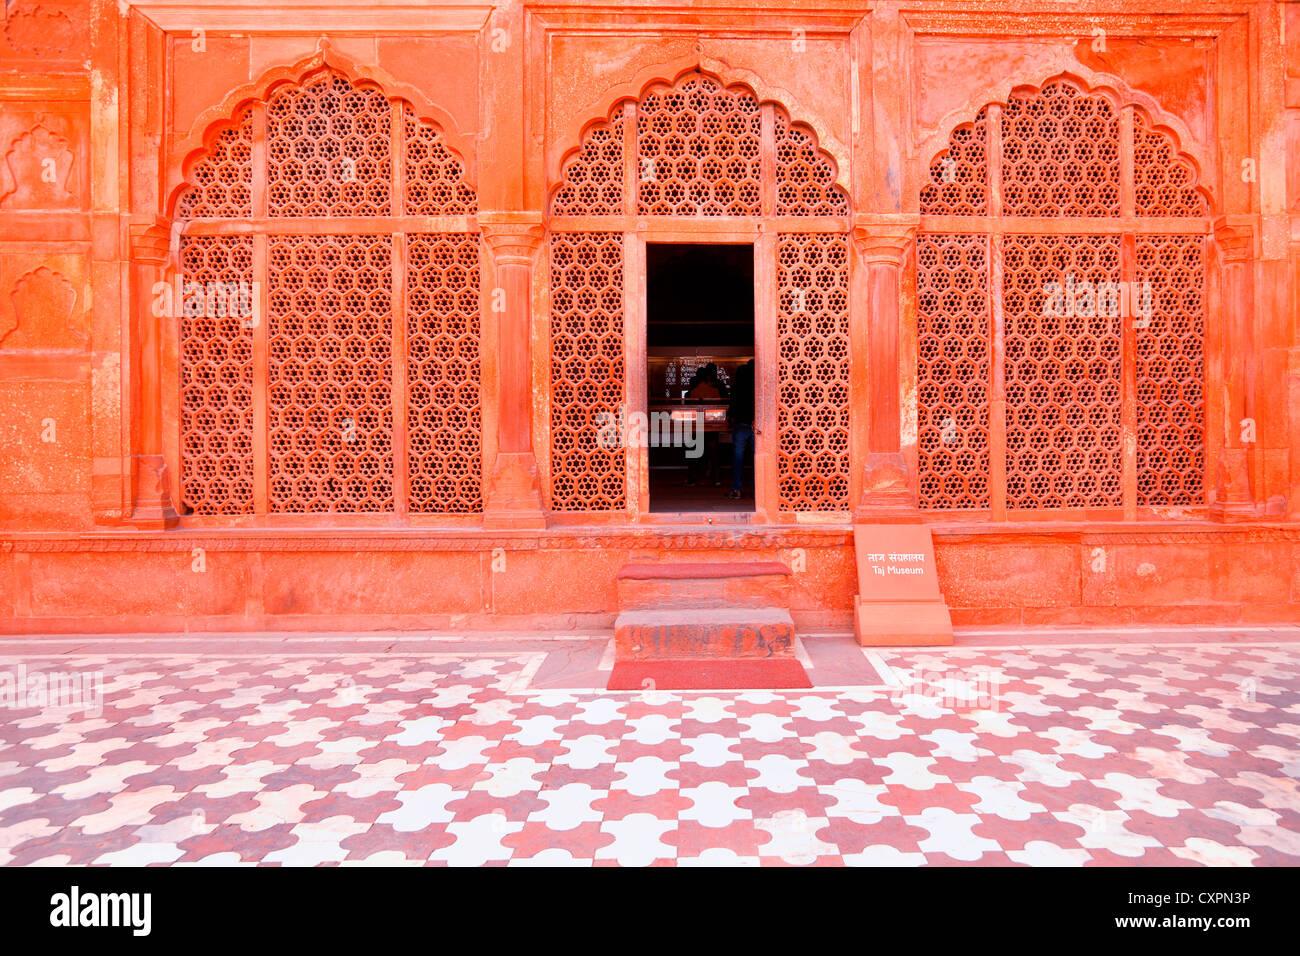 Architektonisches Detail der Moschee am Taj Mahal, Agra, Indien Stockbild